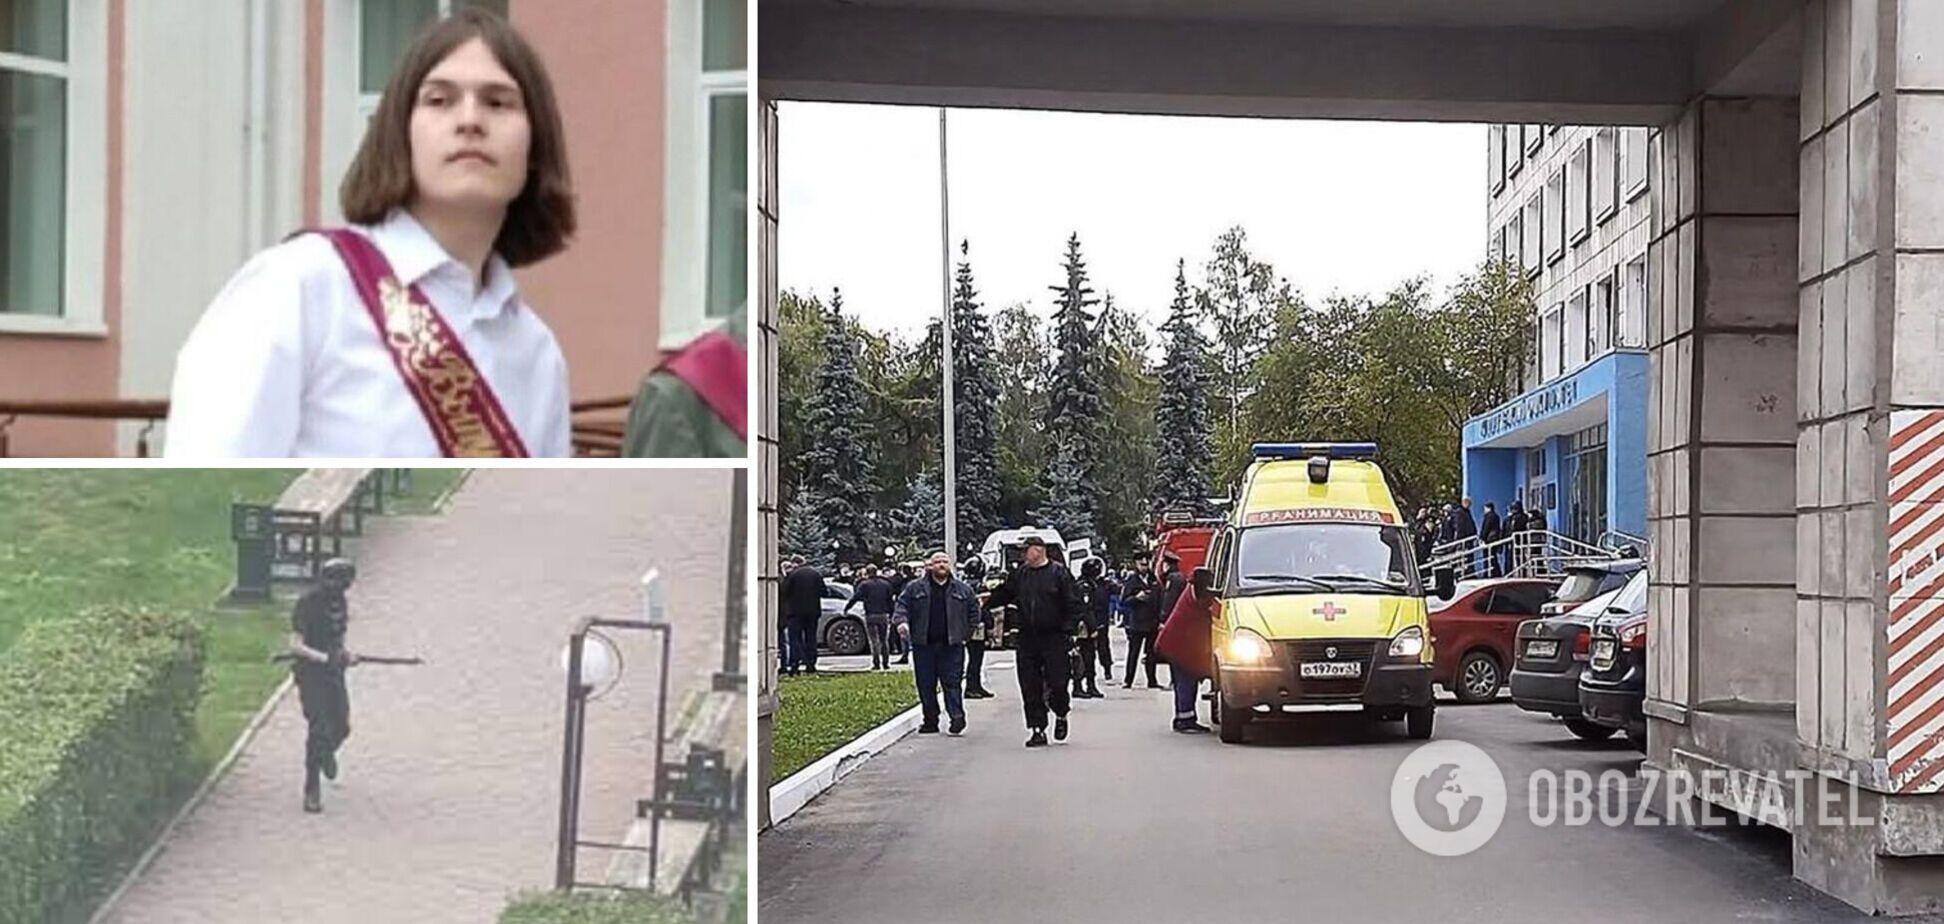 Пермскому стрелку ампутировали ногу: появились новые данные о состоянии Бекмансурова